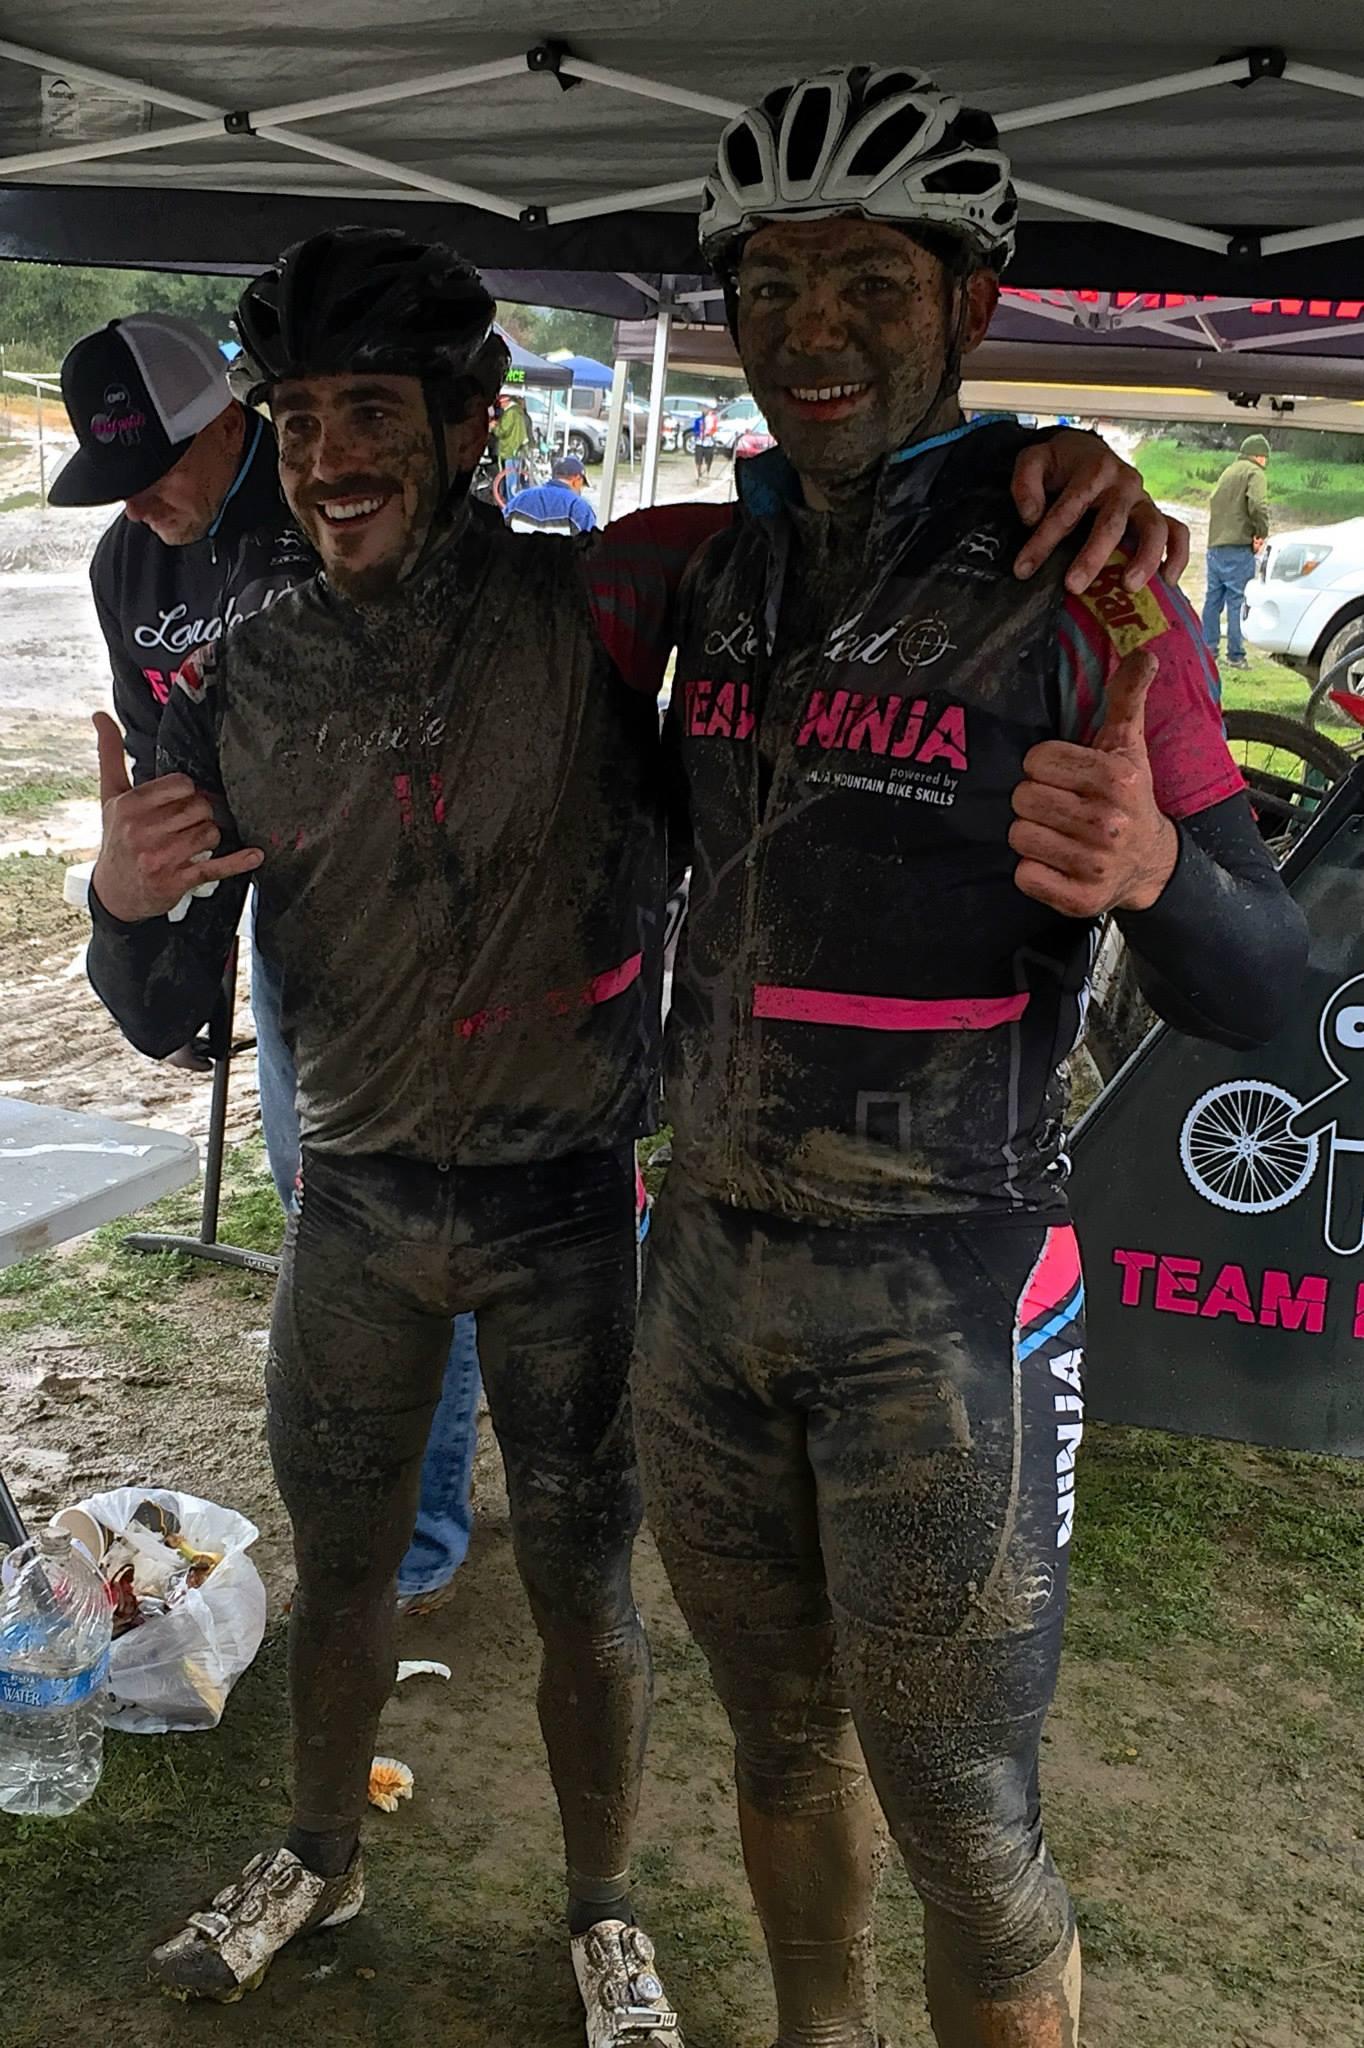 team_mud2